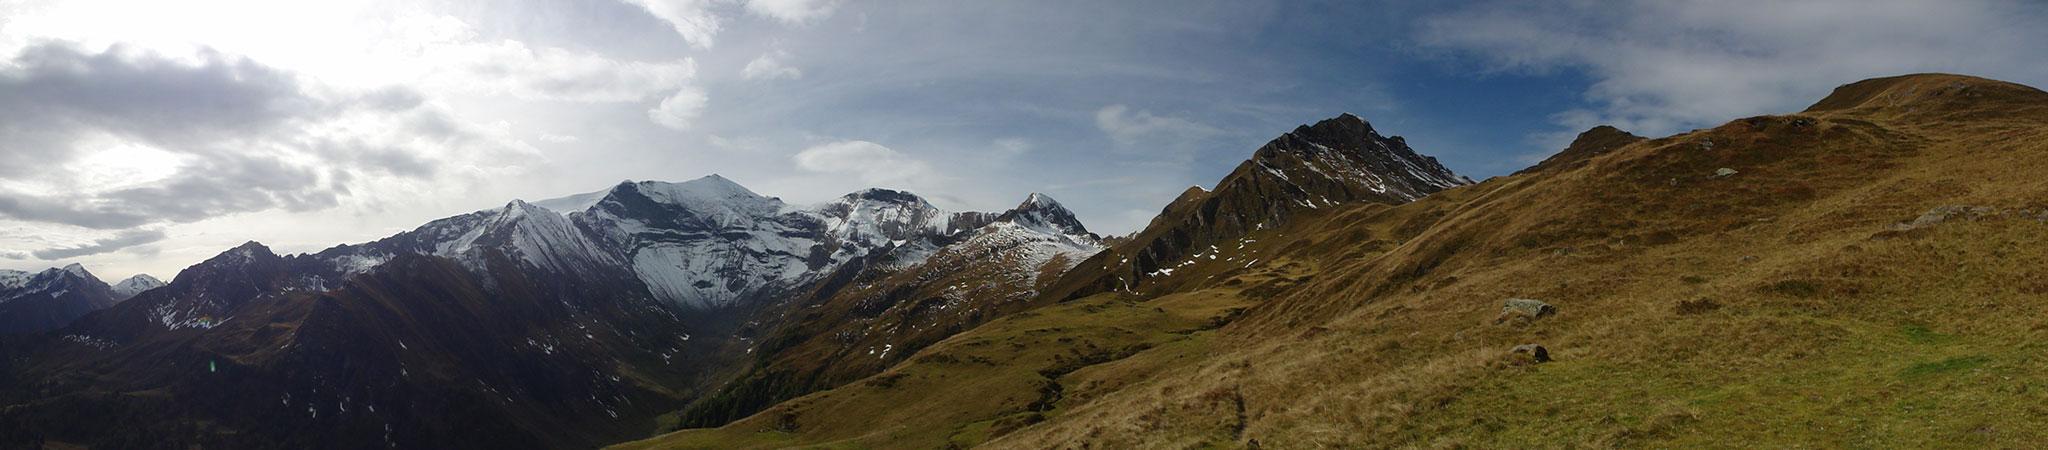 Arnoweg: Herbstliche Bergwiesen vor dem bereits verschneiten Gipfel des Hohen Tenn (3368 m)